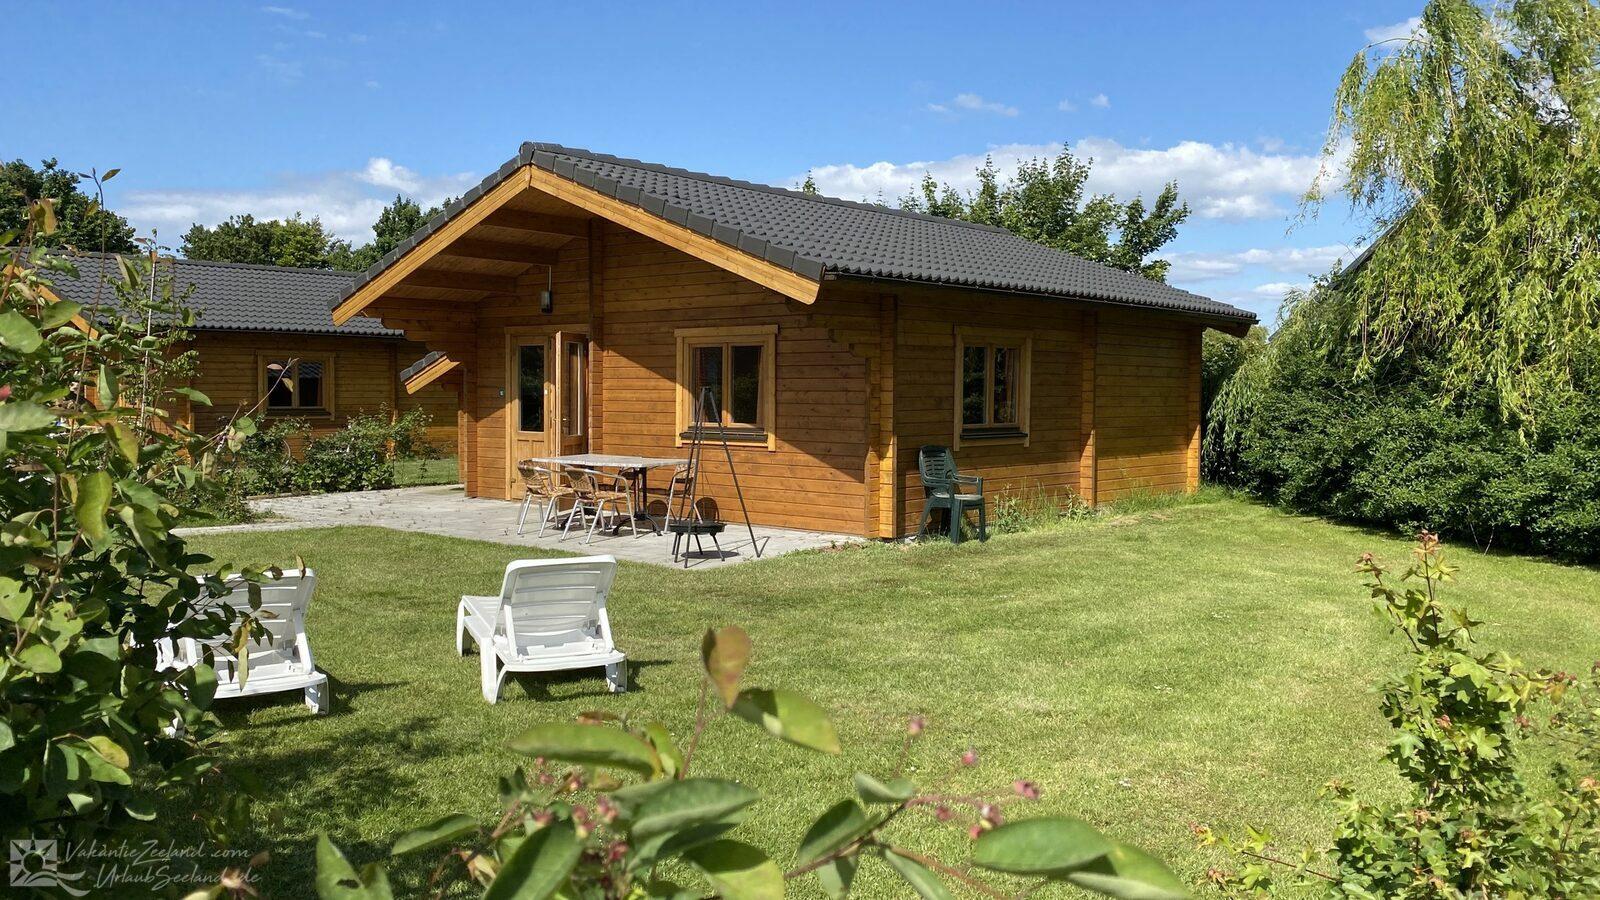 VZ455 Ferienhütte in Ossenisse